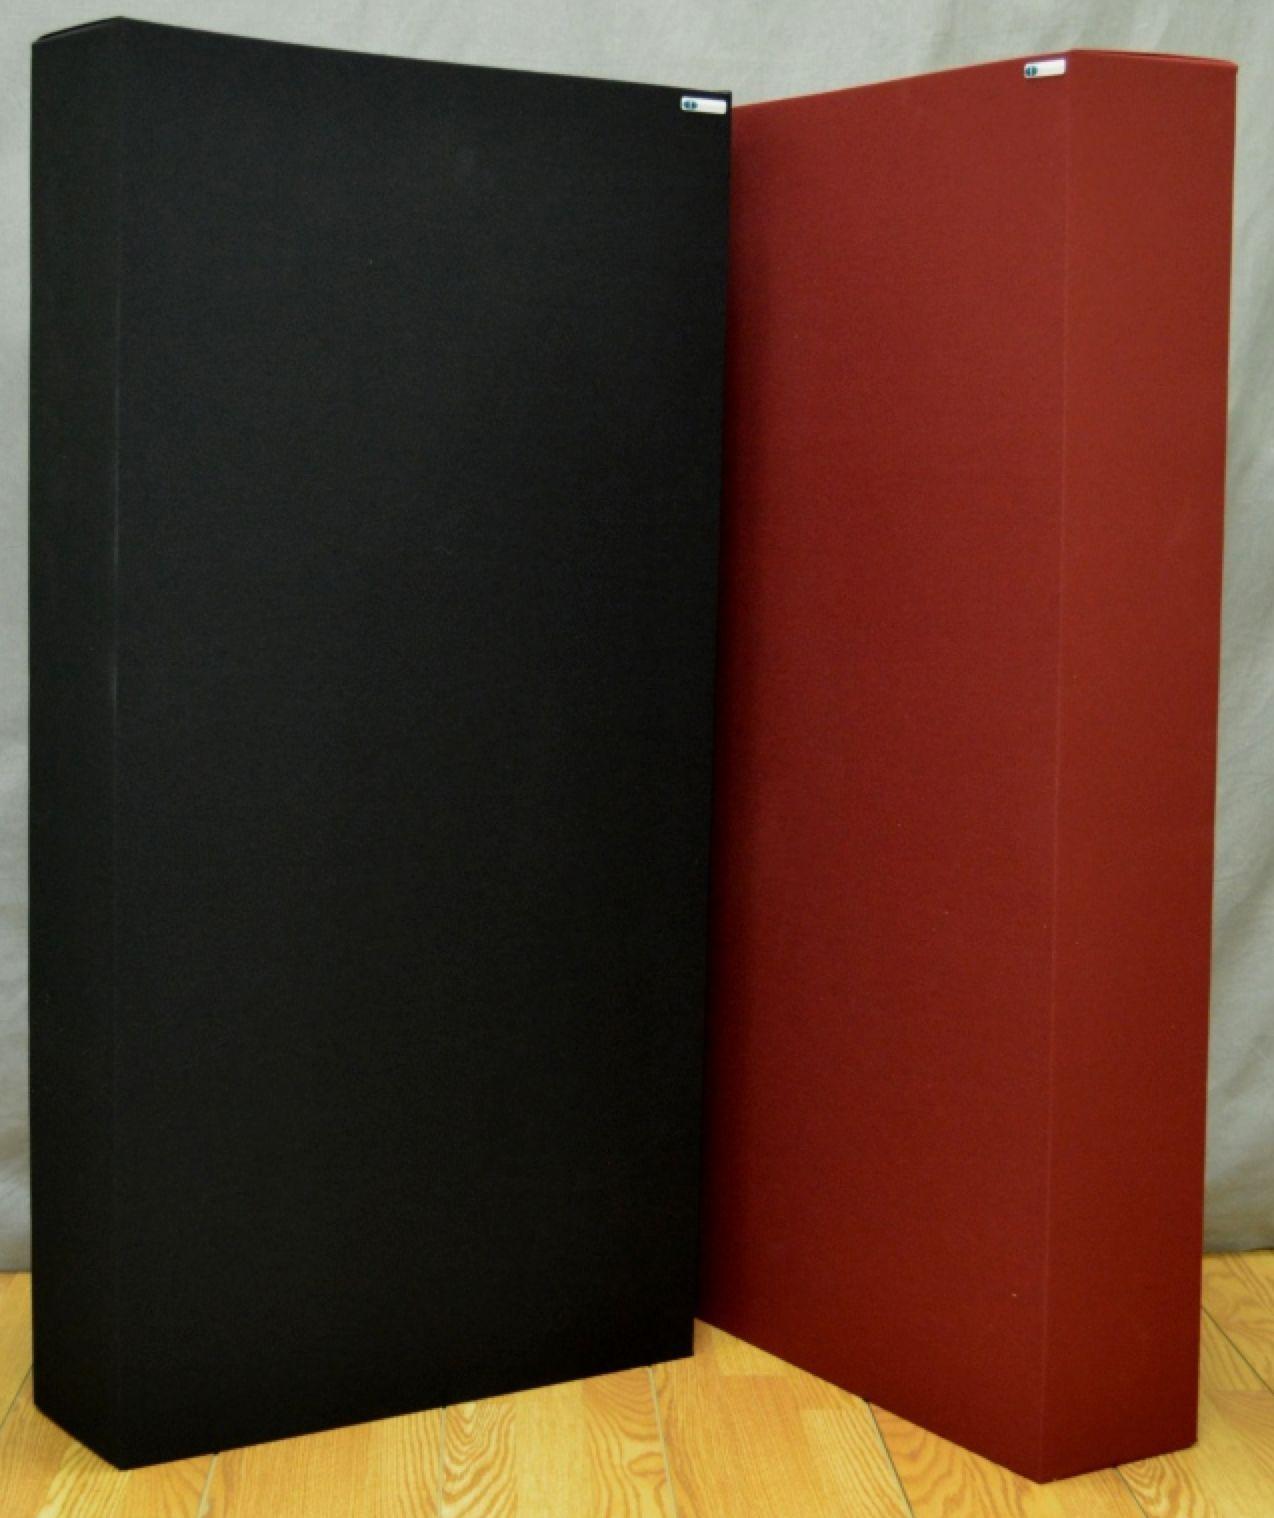 GIK Monster Bass Bassfelle Camira med Range Limiter 120x60x18,5cm (H/B/D) 1stk